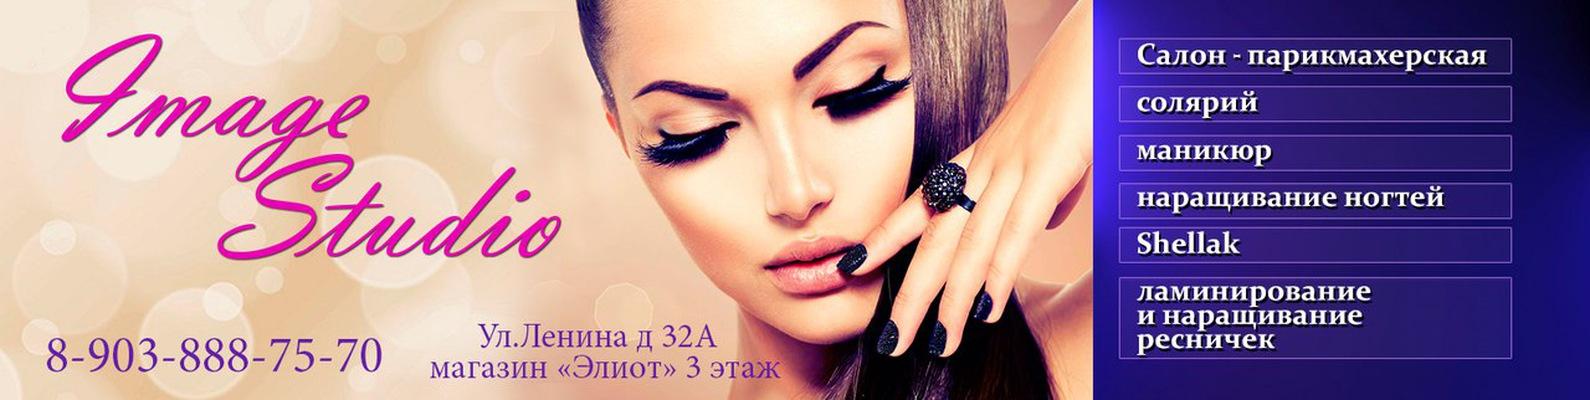 Салон красоты Image Studio | ВКонтакте